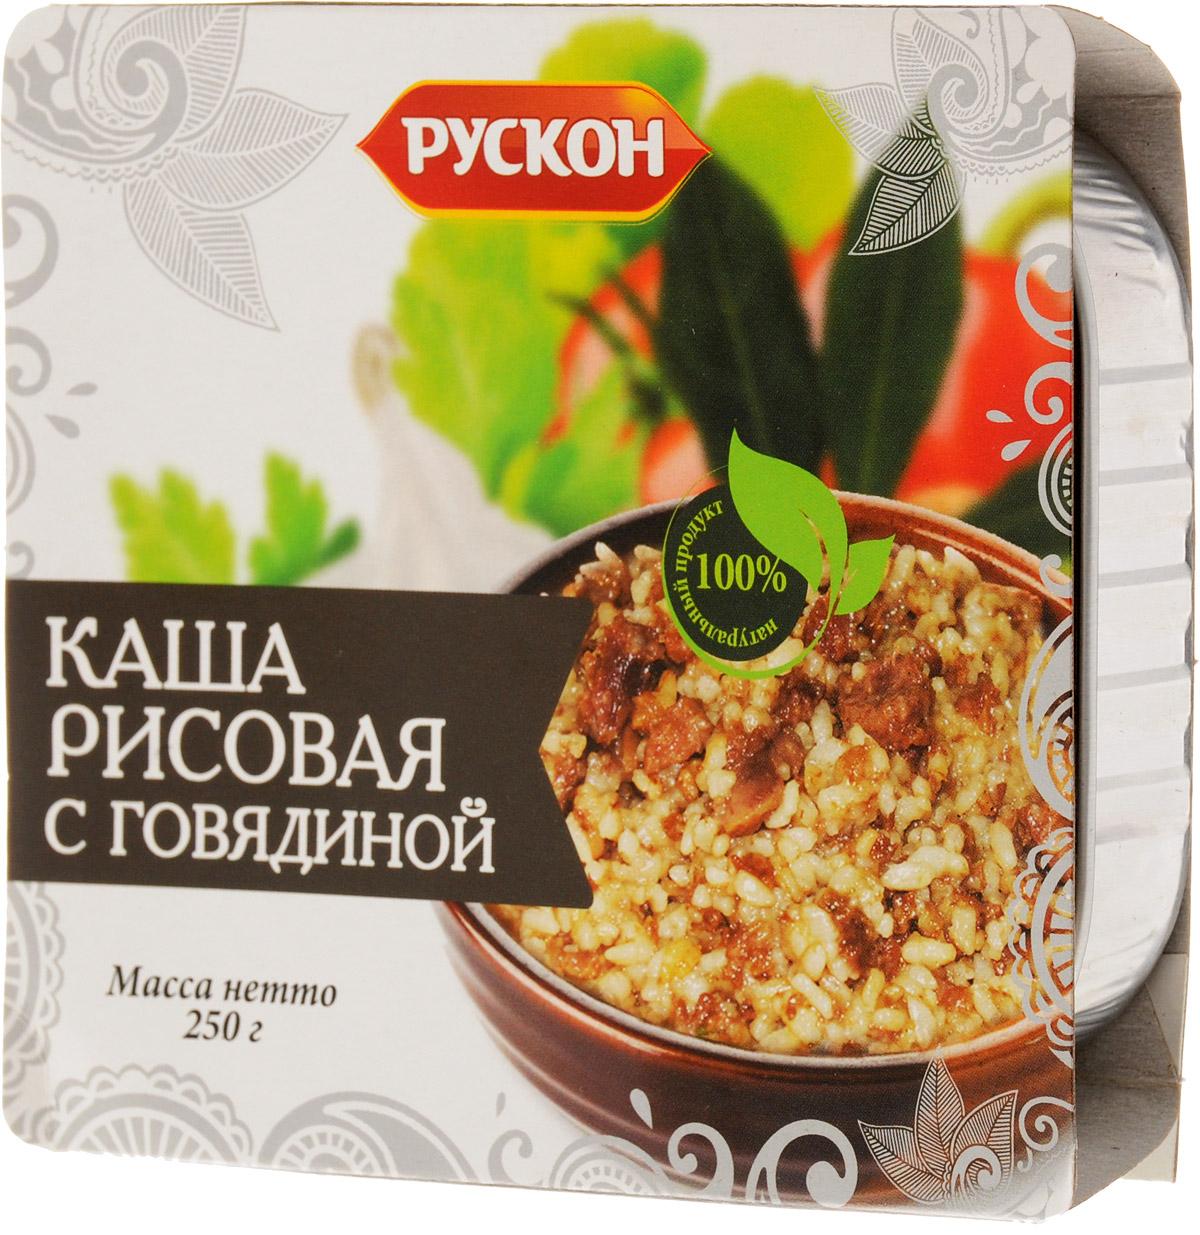 Рускон каша рисовая с говядиной, 250 г